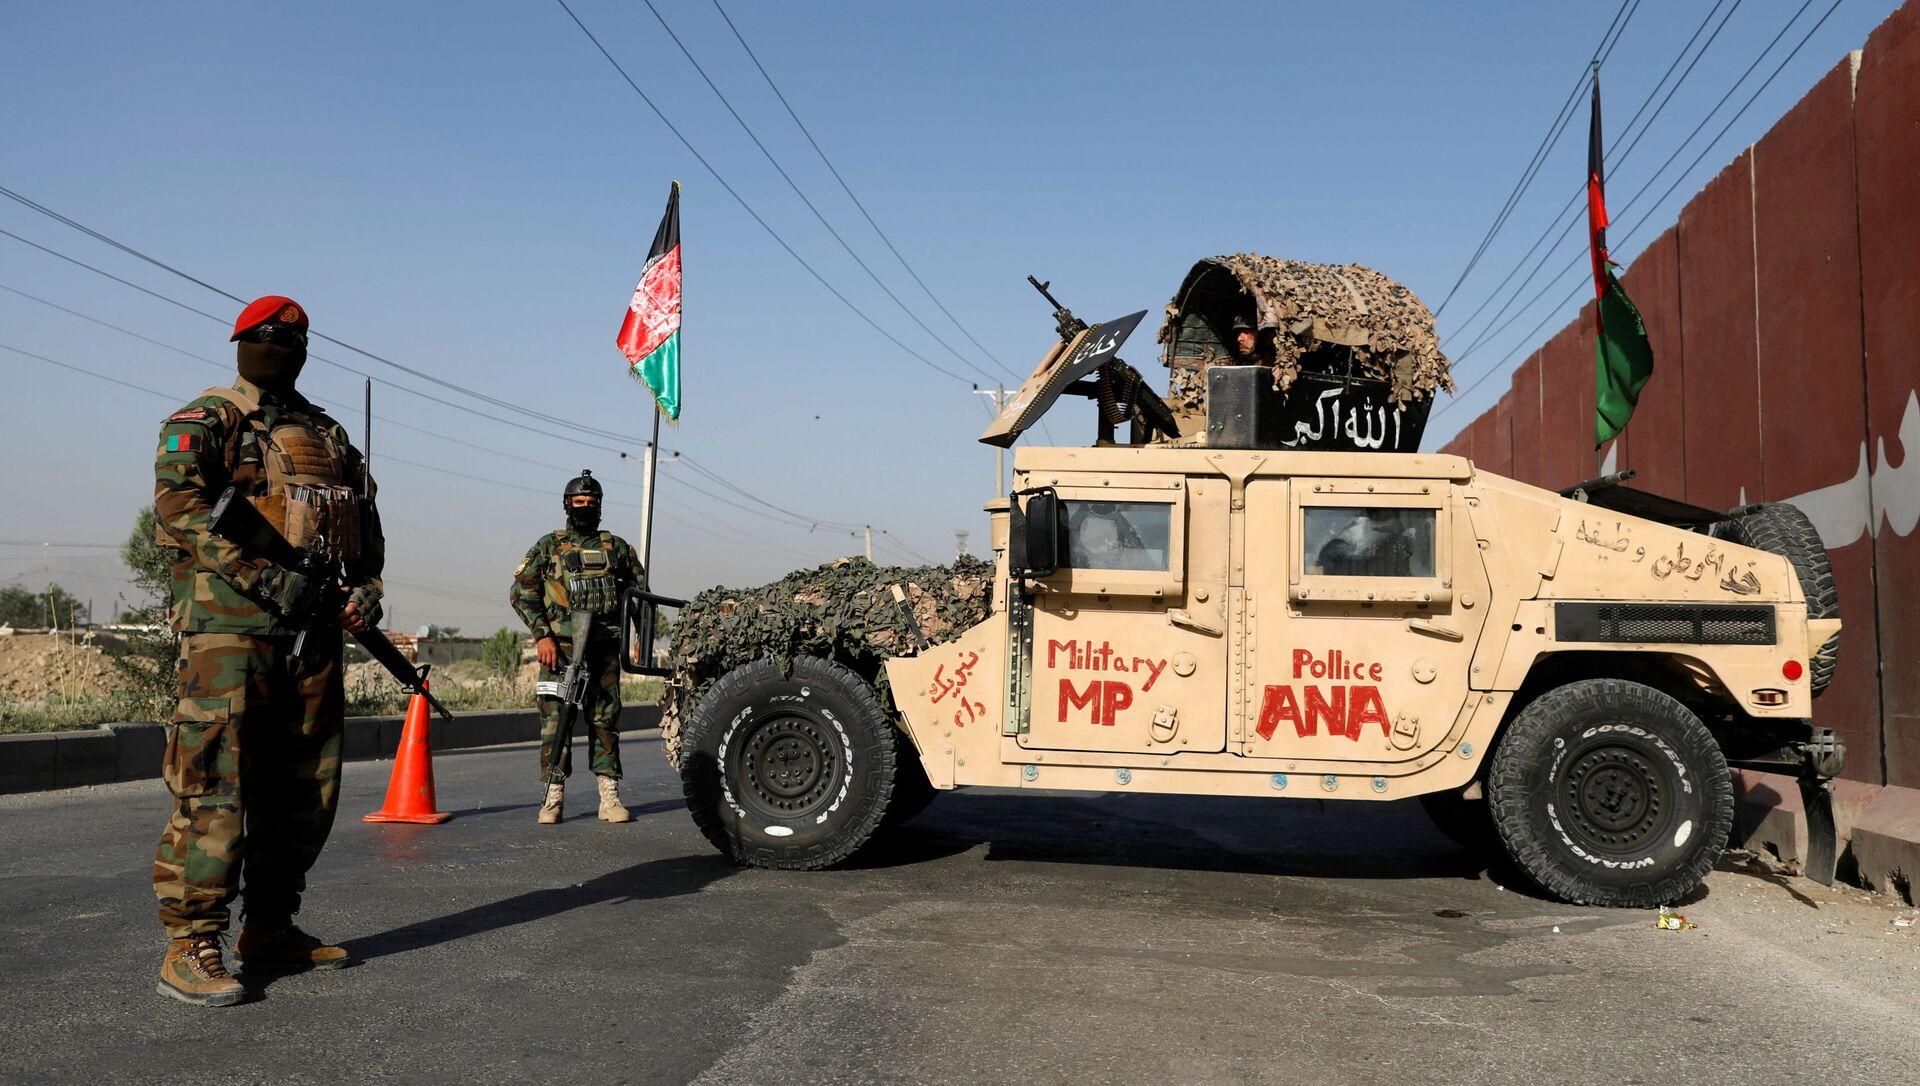 Офицеры Афганской национальной армии несут вахту на контрольно-пропускном пункте в Кабуле, Афганистан, 8 июля 2021 года. - Sputnik Абхазия, 1920, 15.08.2021